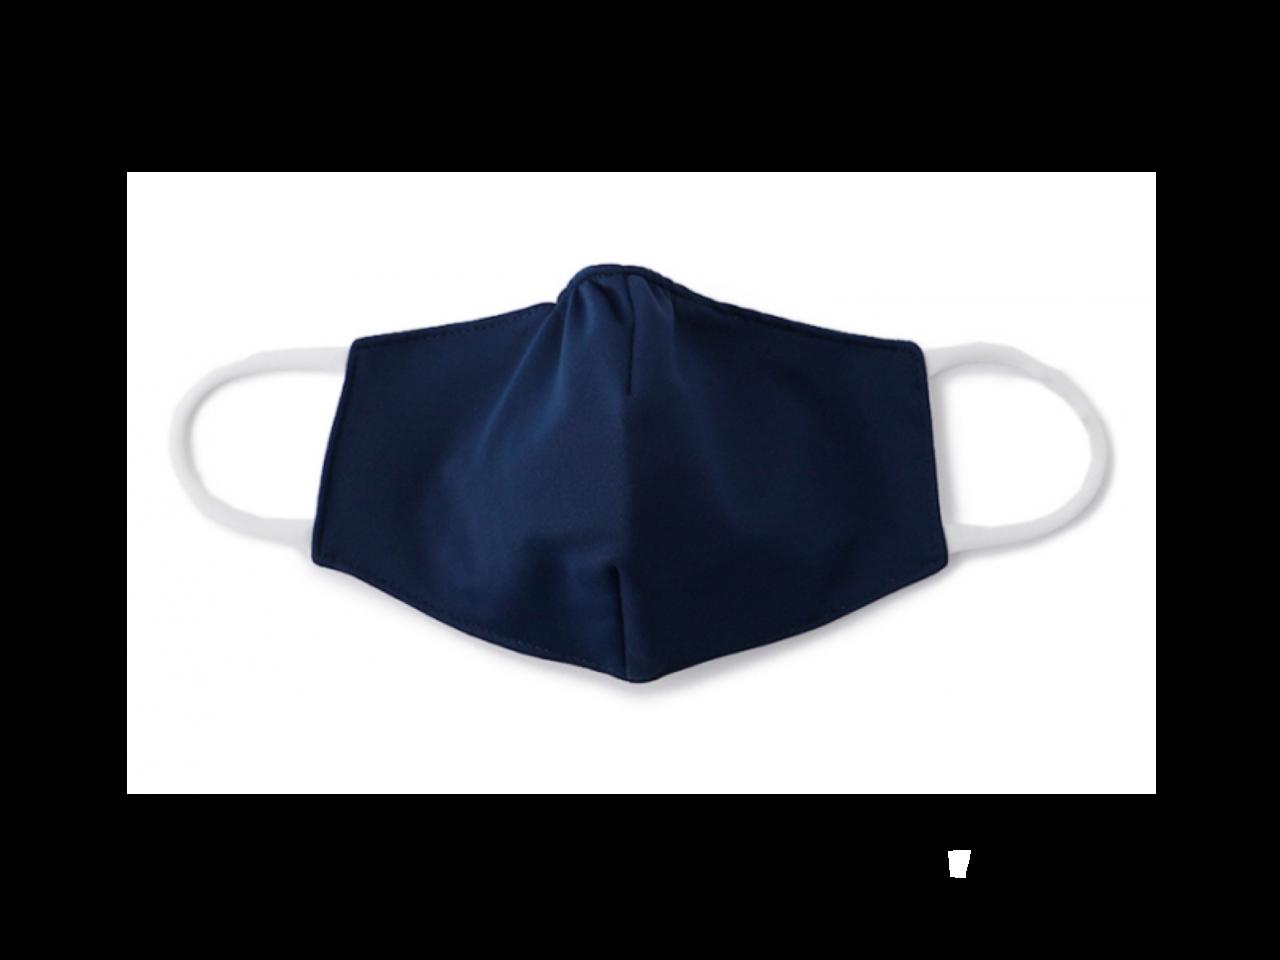 有名スーツブランドより、360度ストレッチで快適な着用感布マスクが登場です。